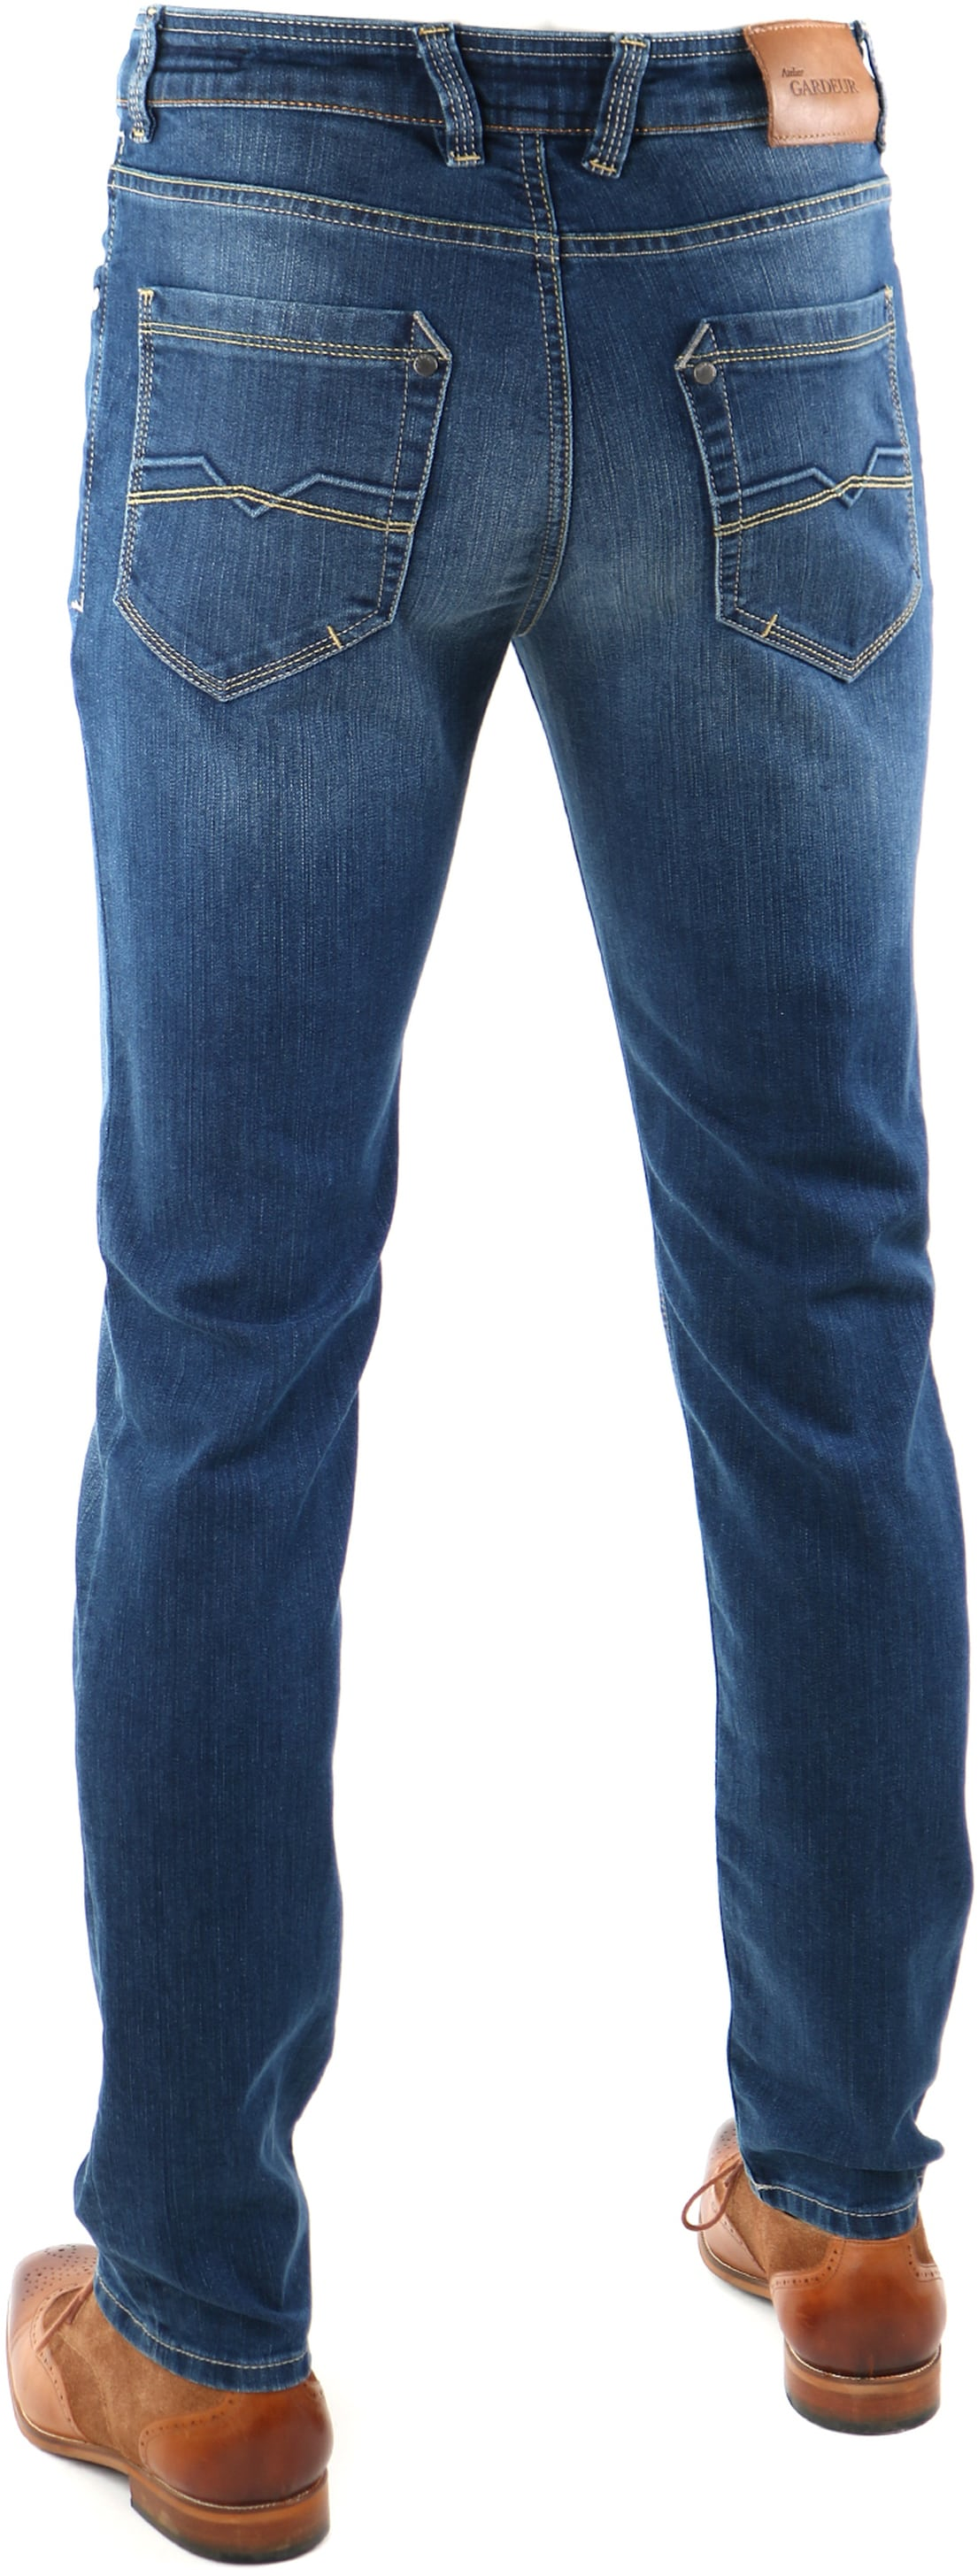 Gardeur Batu Jeans Blauw foto 3